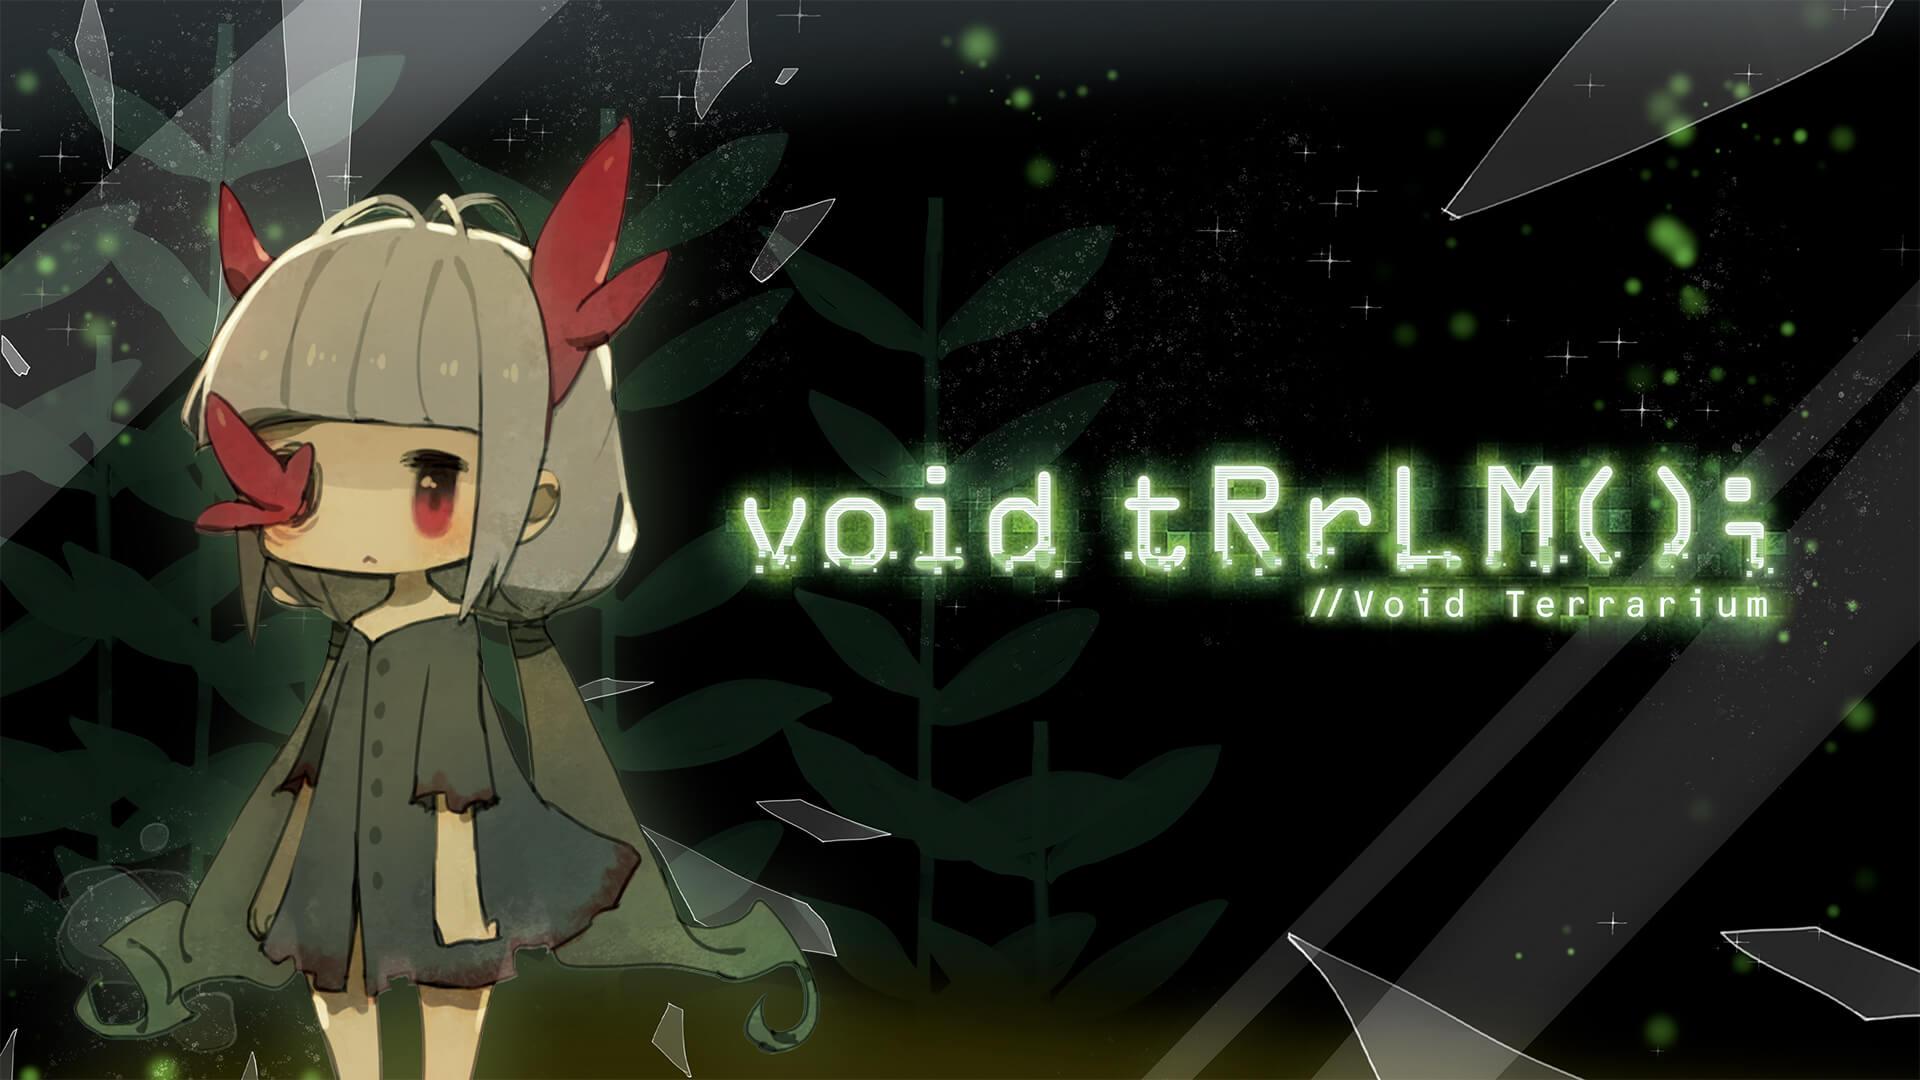 void tRrLM();++ //Void Terrarium++ Free PC Download